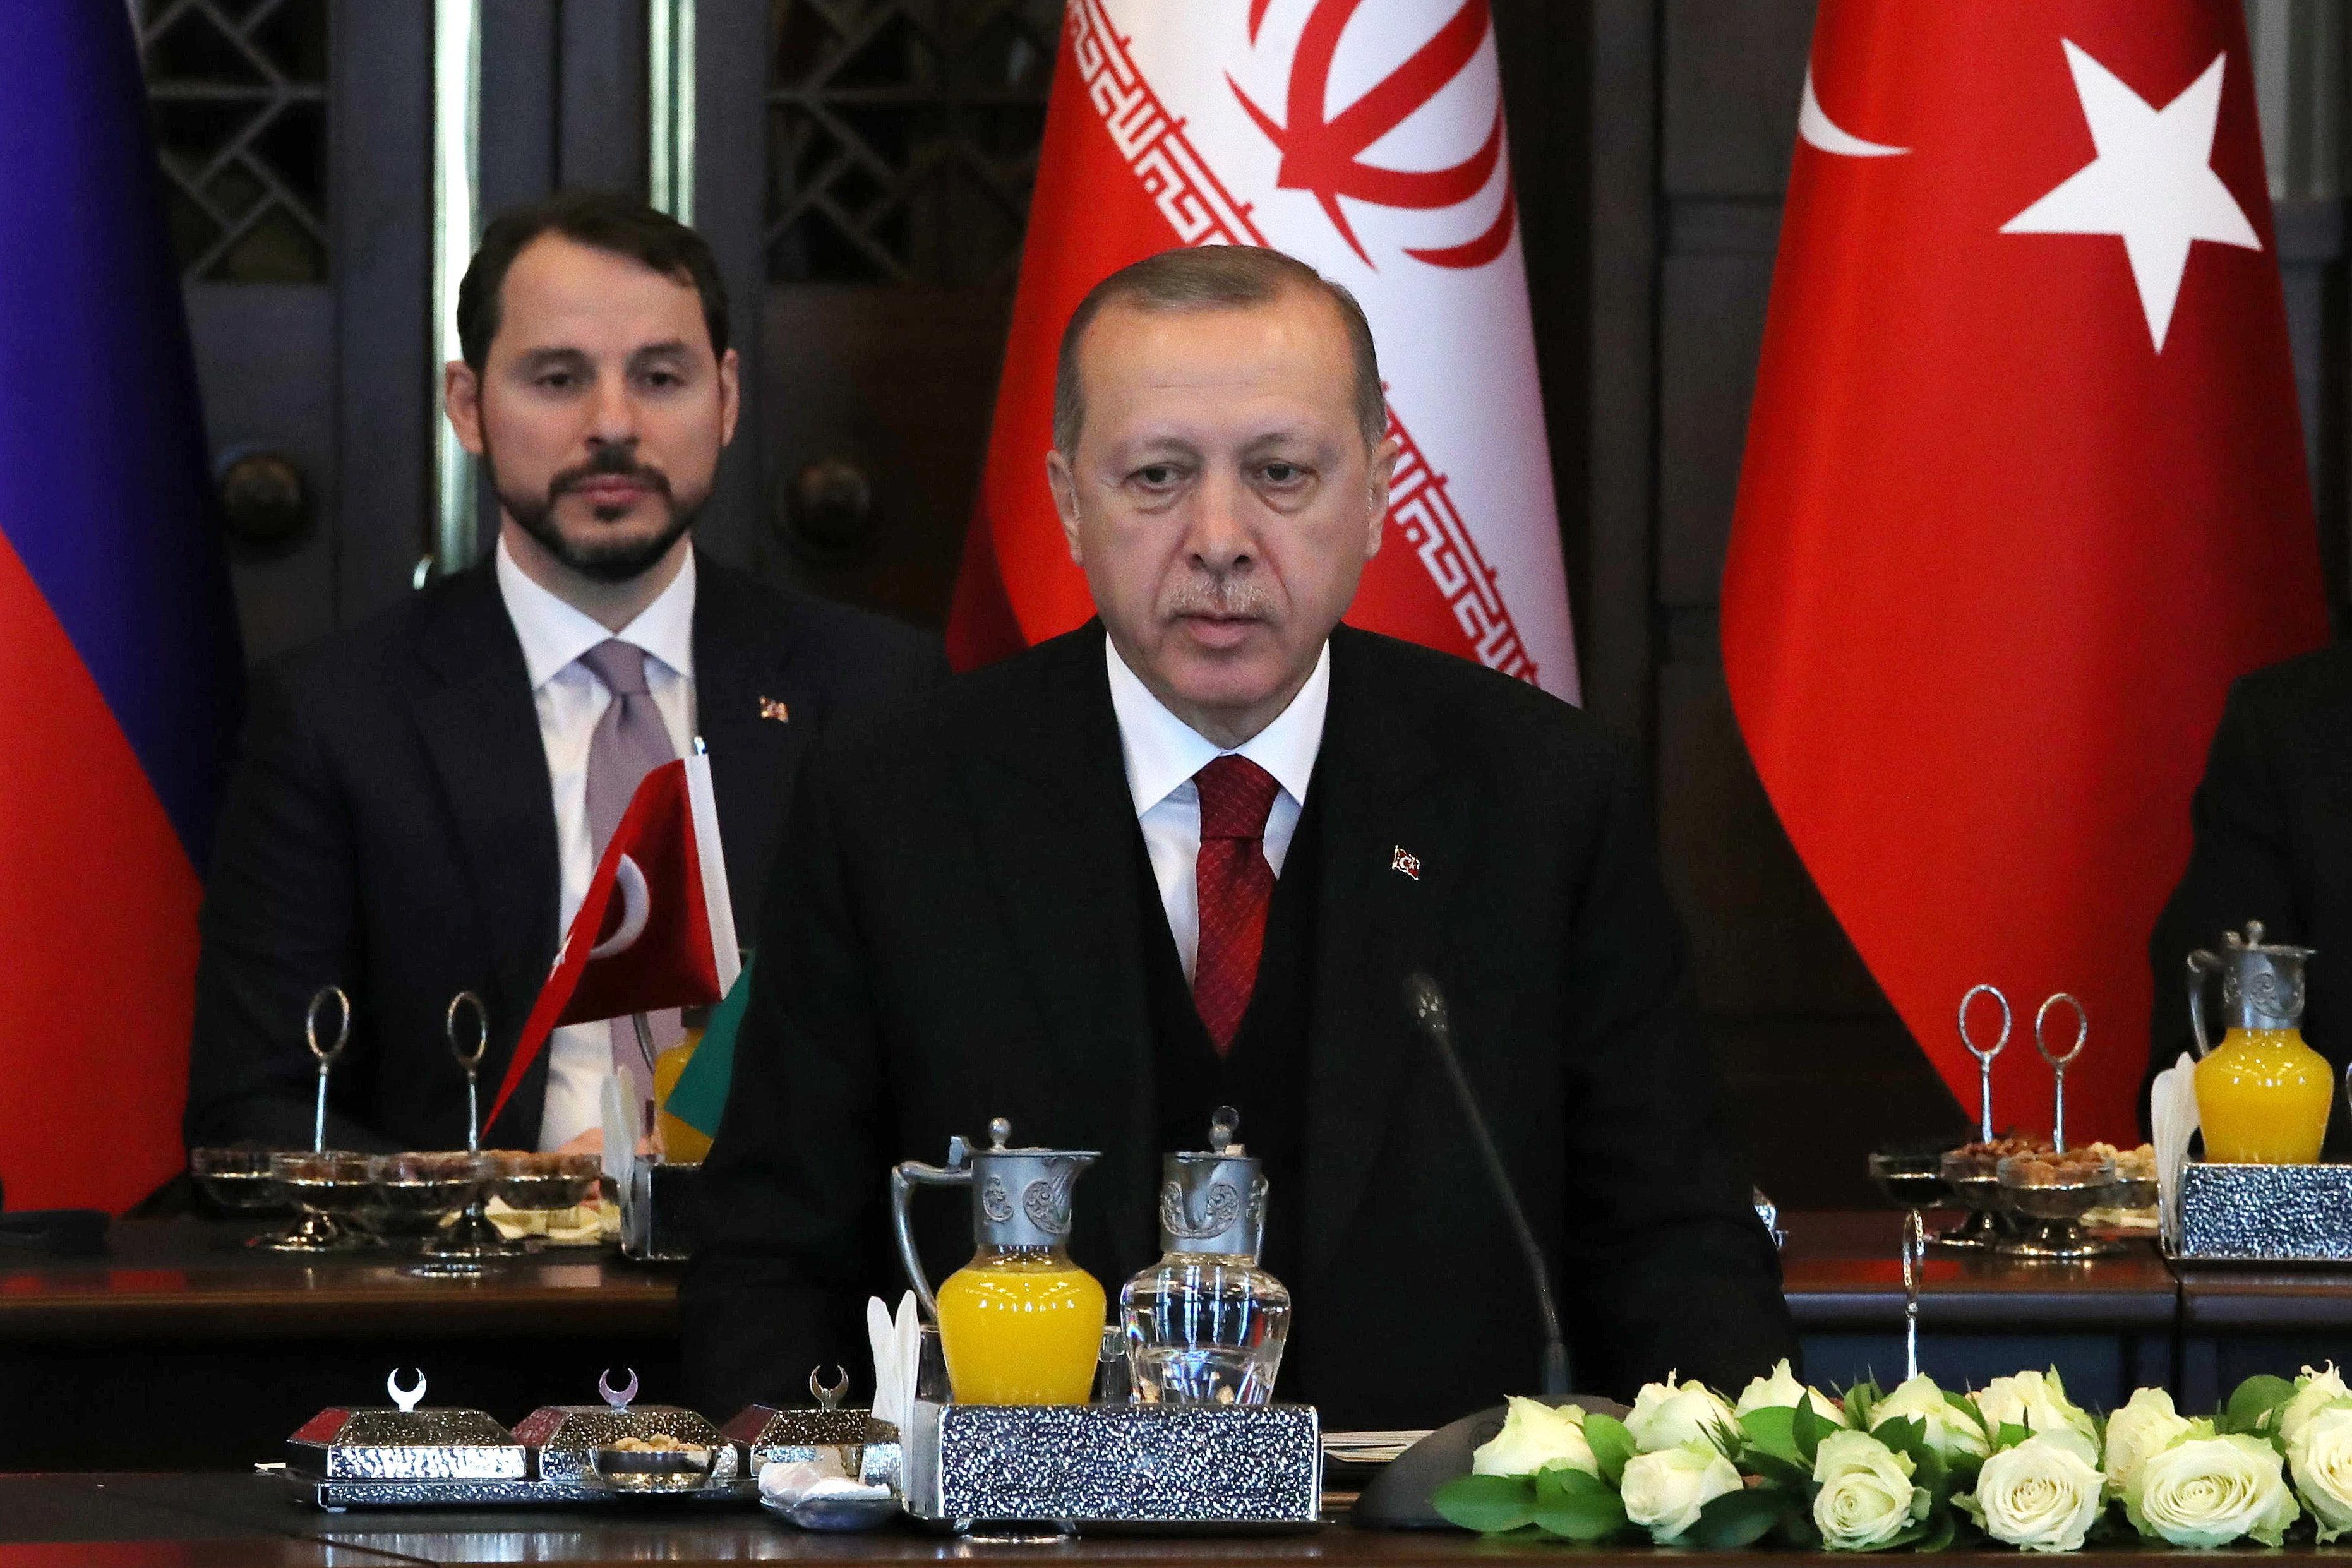 Νέα υποχώρηση της τουρκικής λίρας μόλις ο Ερντογάν ανακοίνωσε πως διόρισε τον γαμπρό του ως Υπουργό Οικονομικών